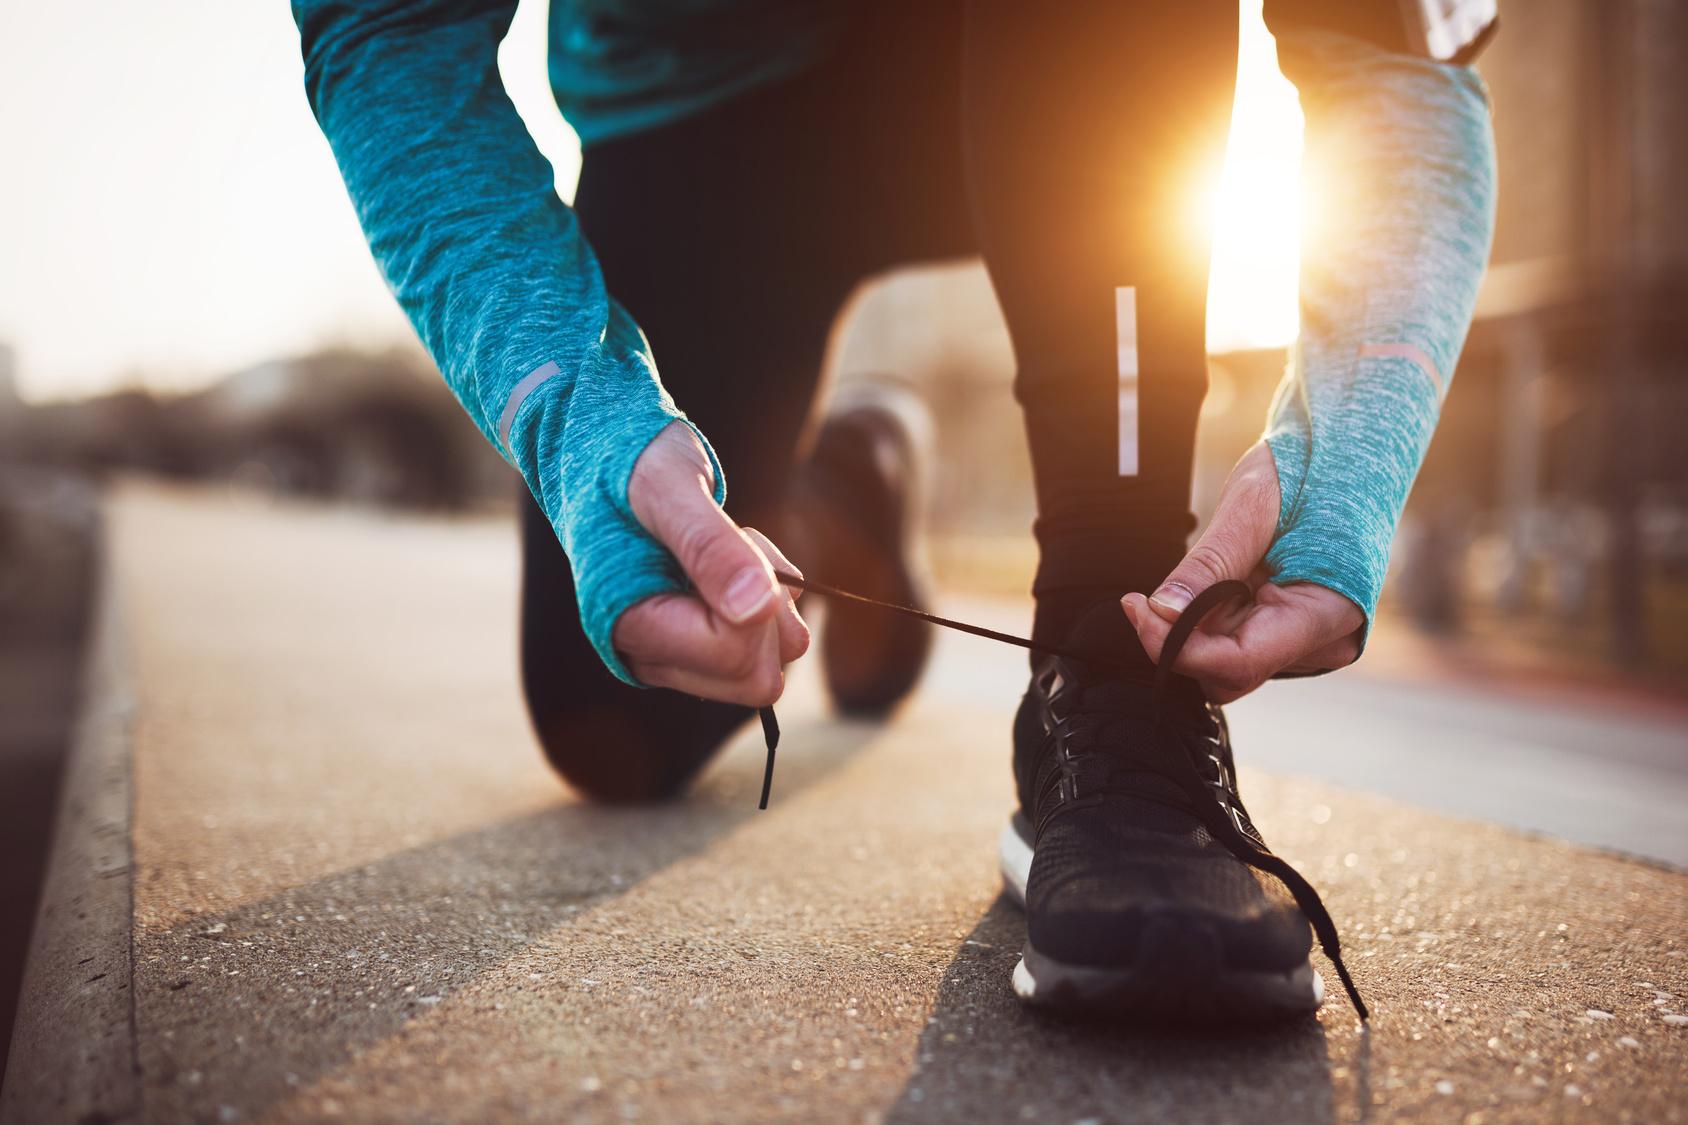 Läufer bindet sich auf einer Straße eine Schuh zu.